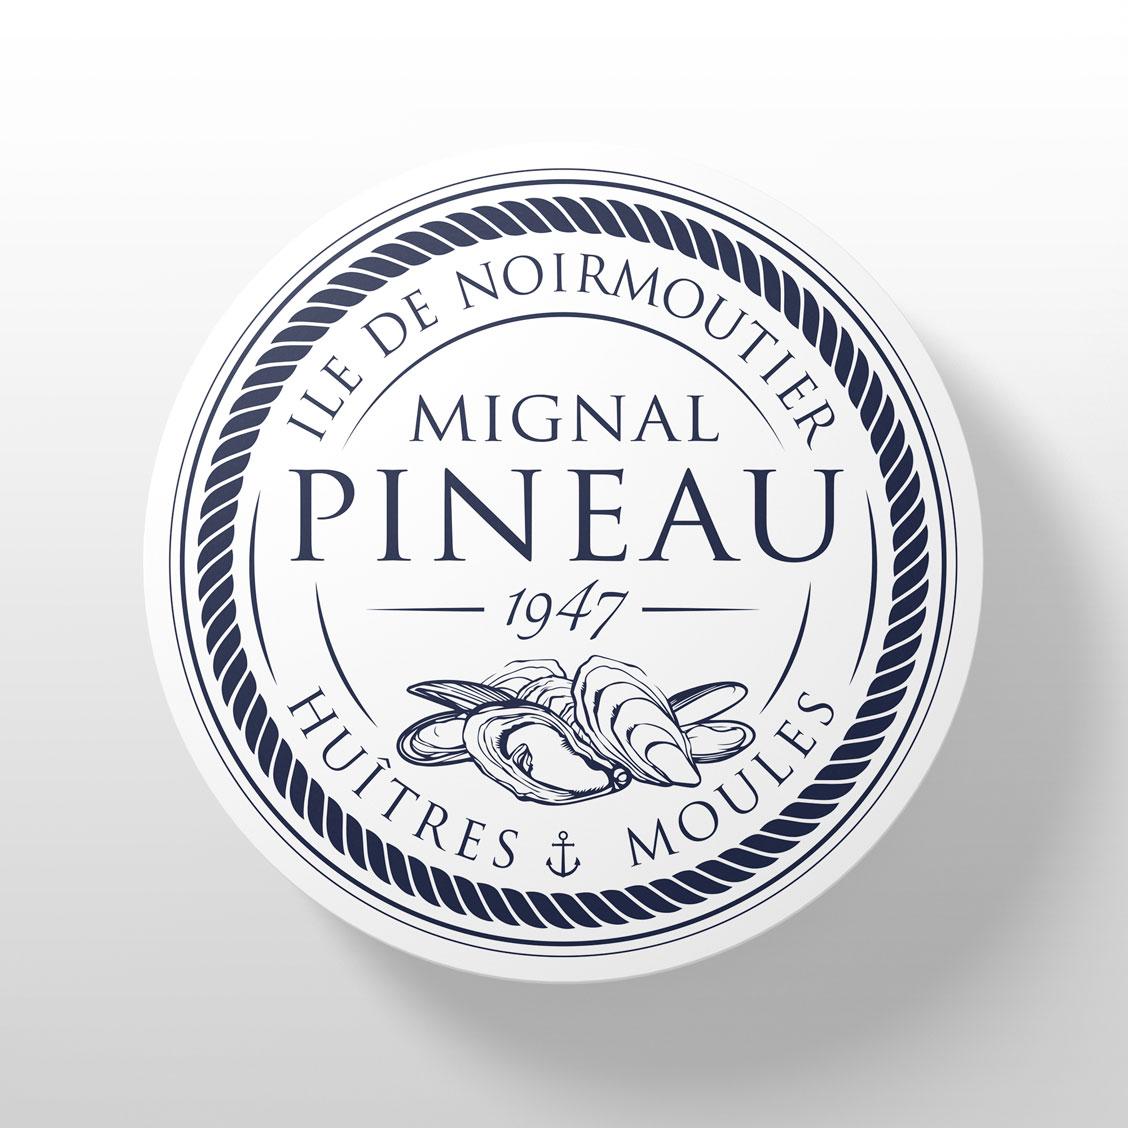 graffocean-creation-logo-noirmoutier-pineau-mignal